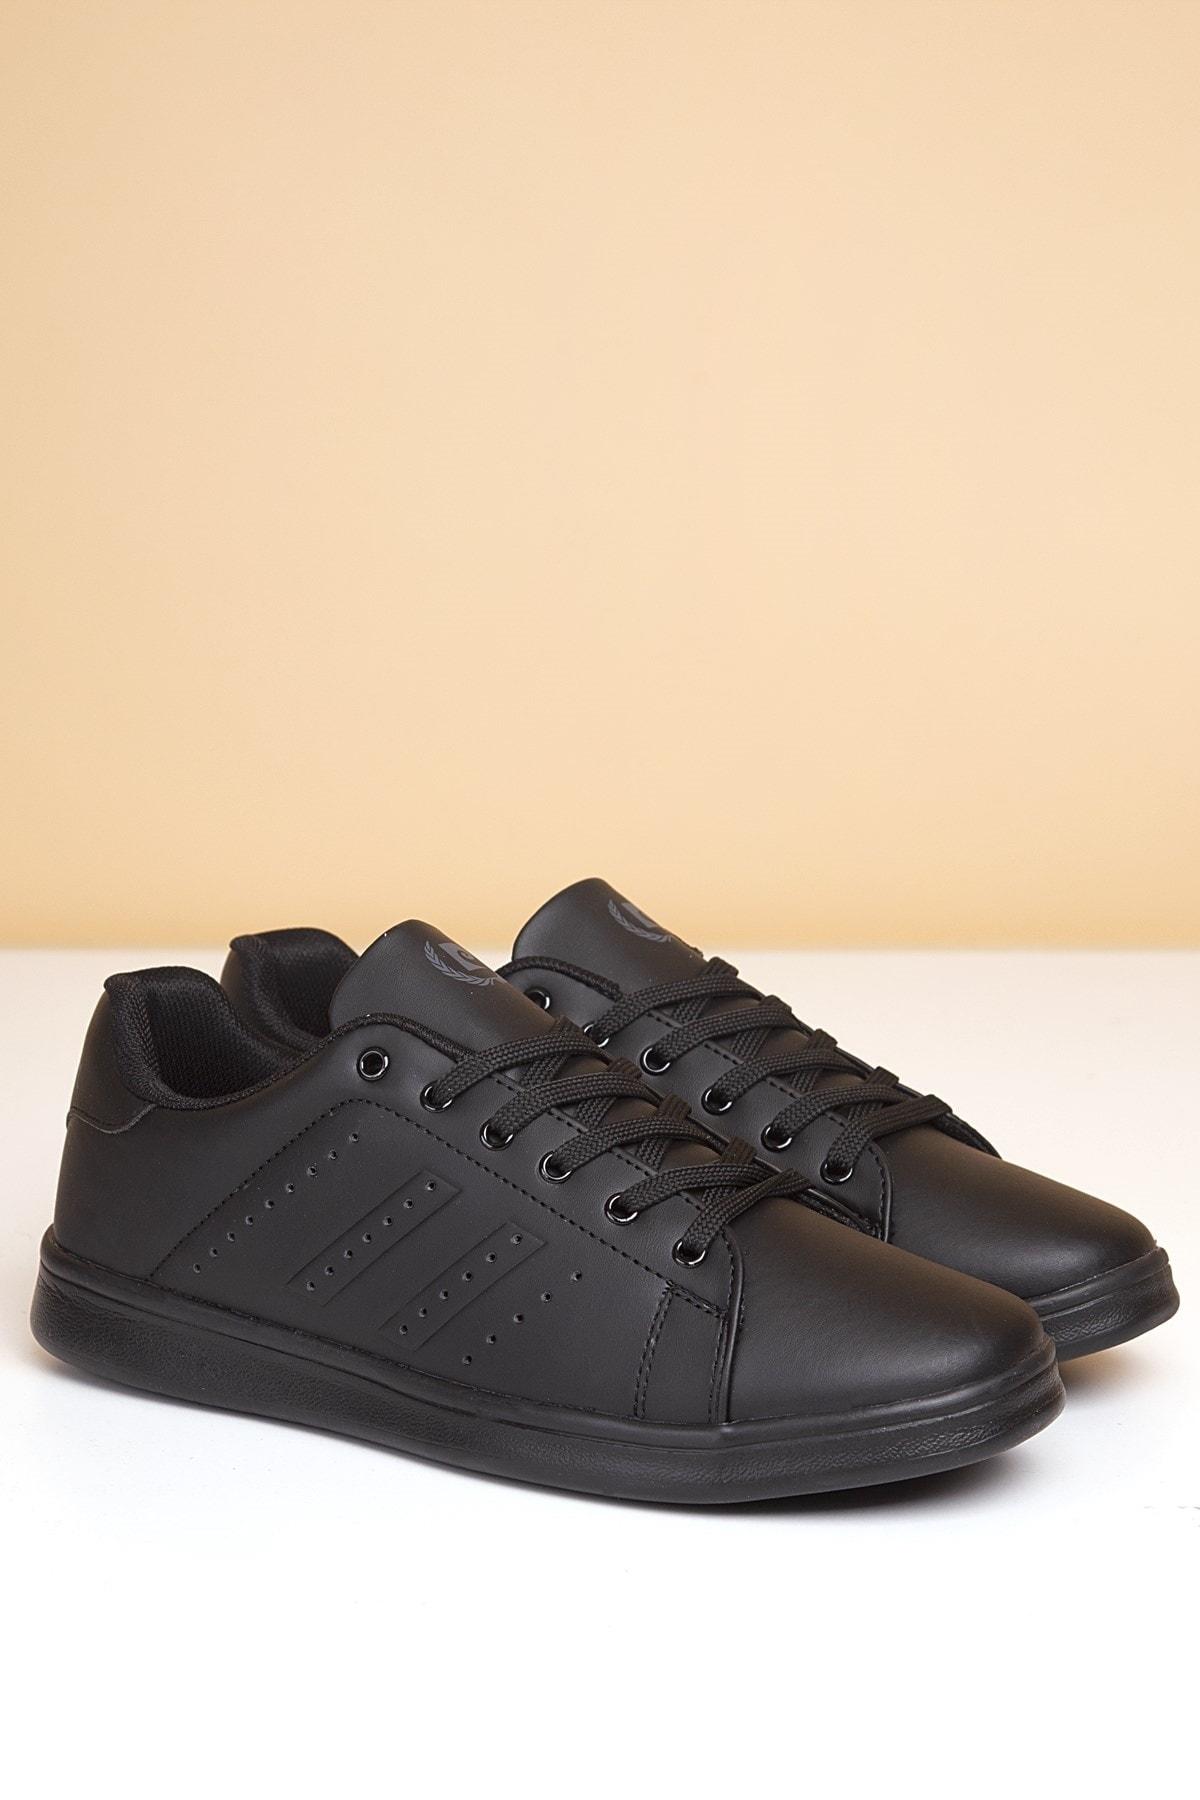 Erkek Günlük Spor Ayakkabı-Siyah PCS-10152